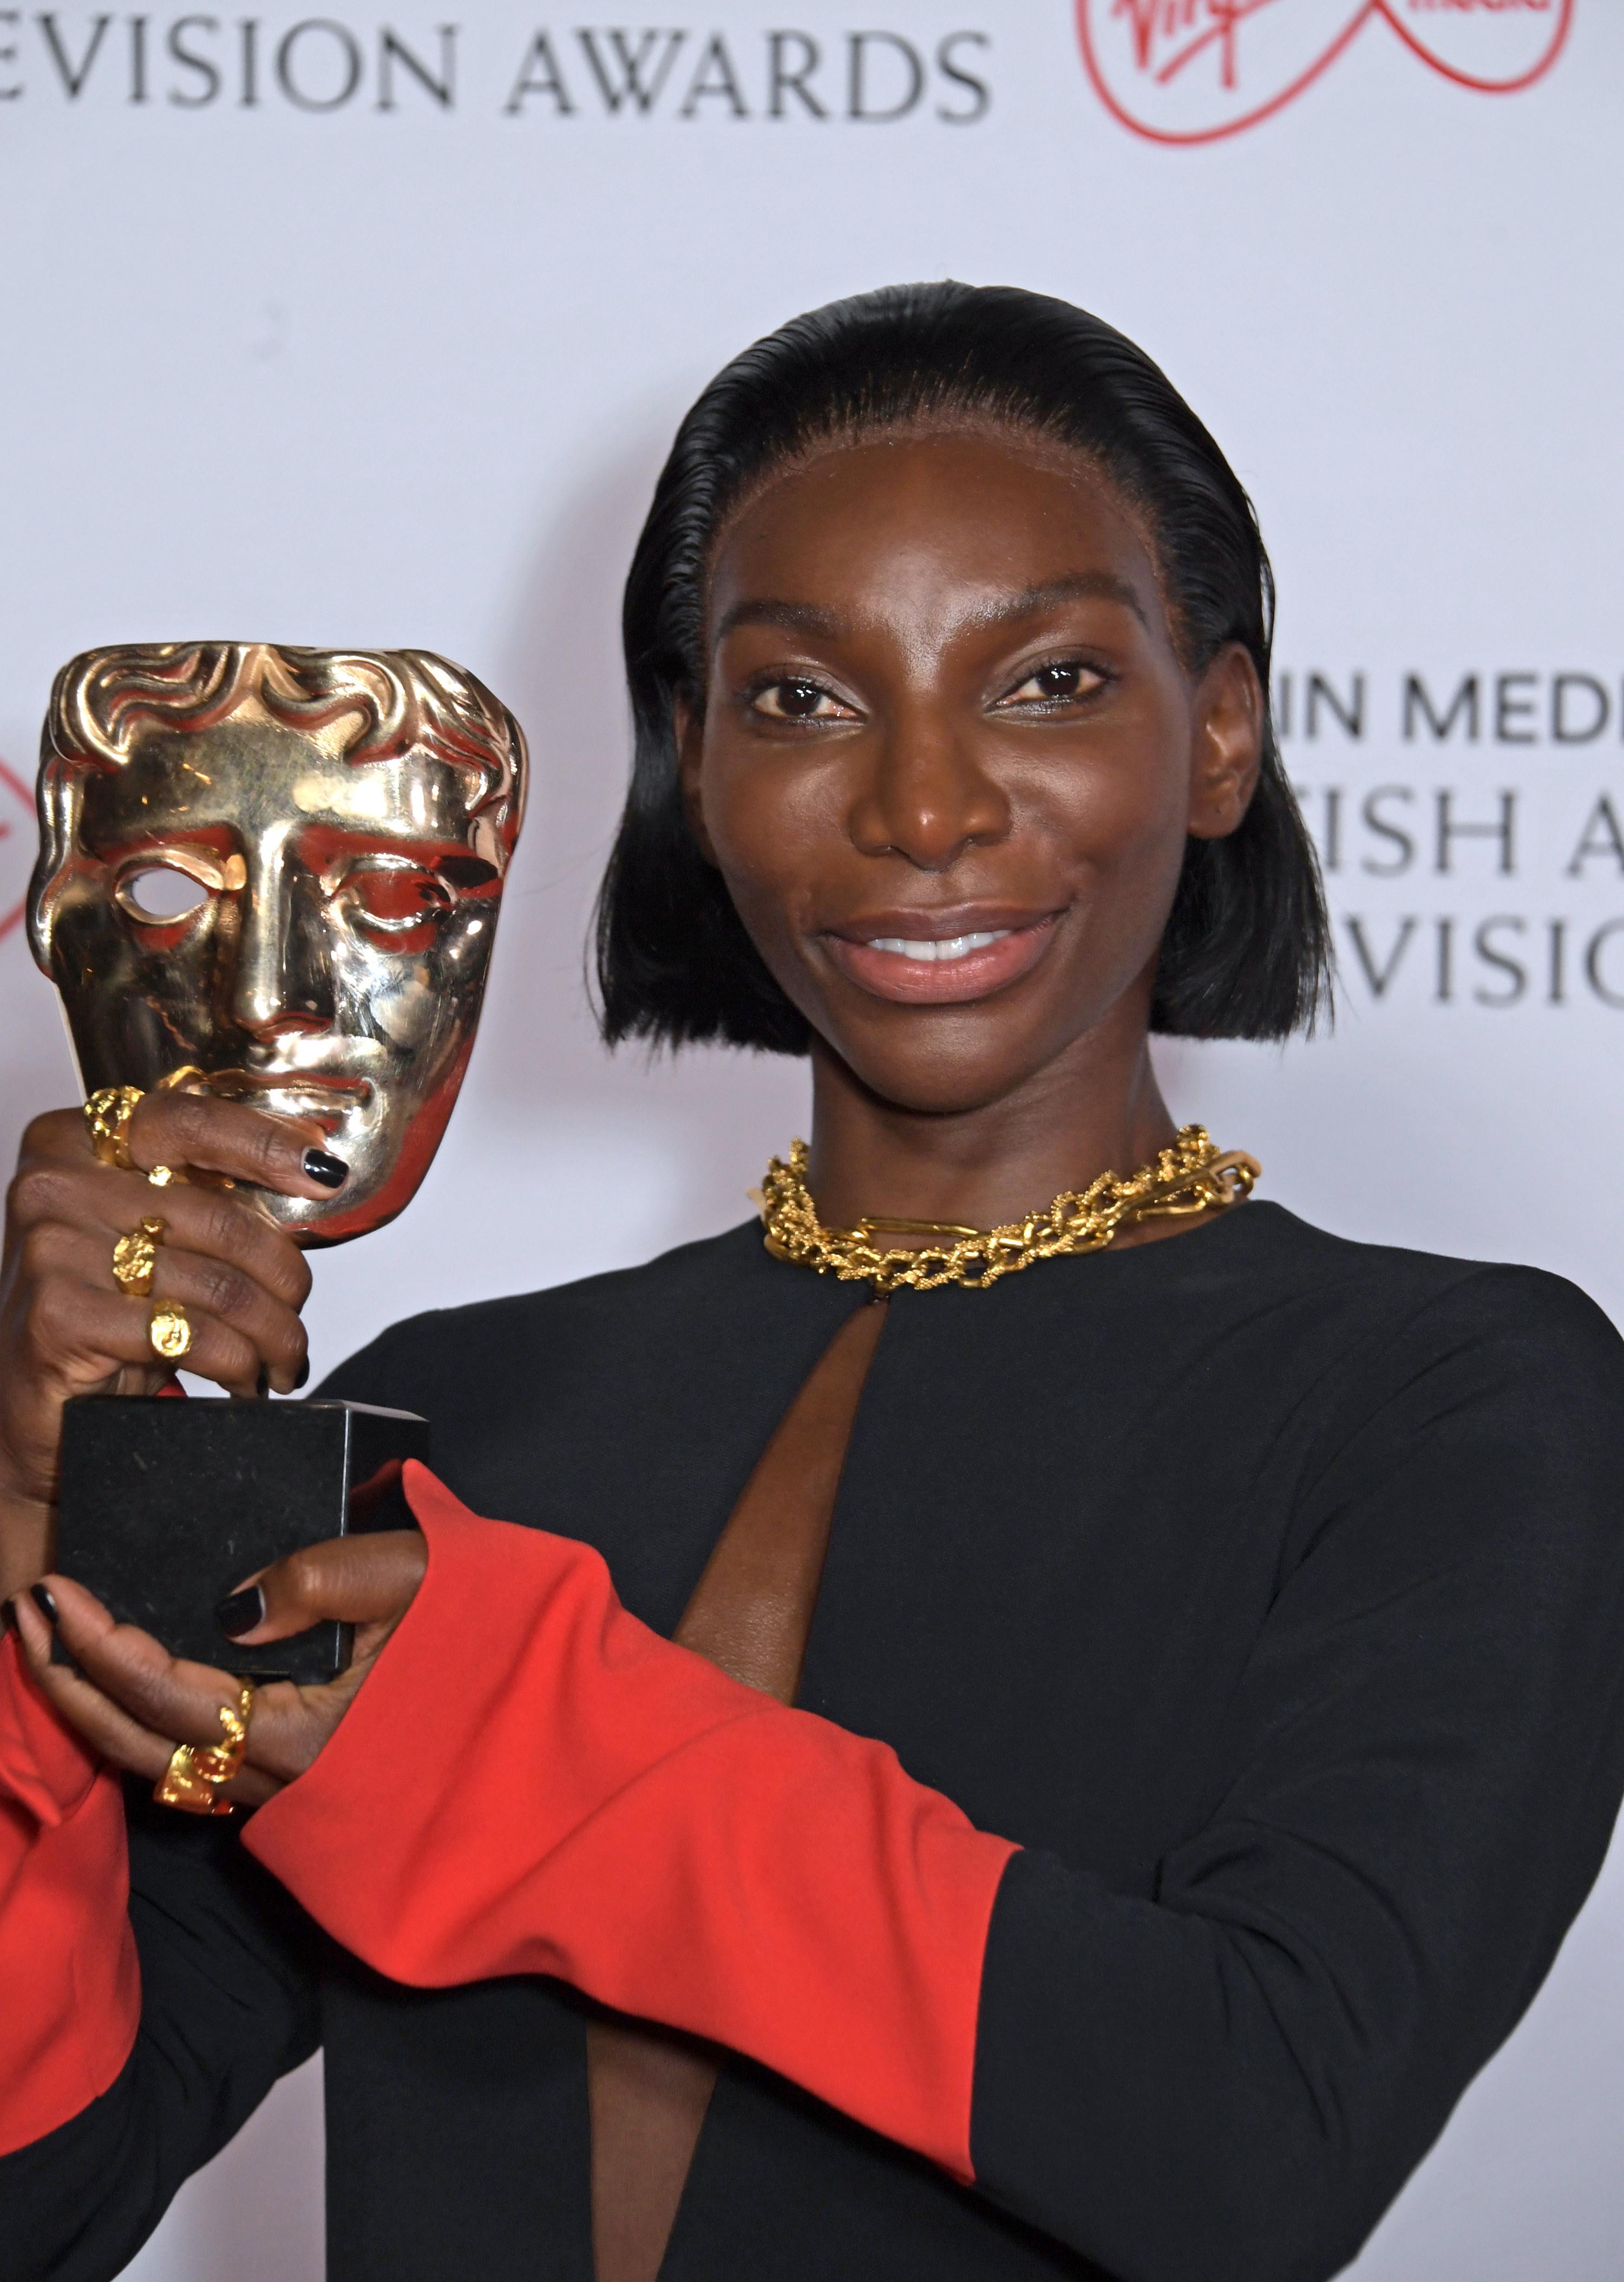 Michaela holding up an award